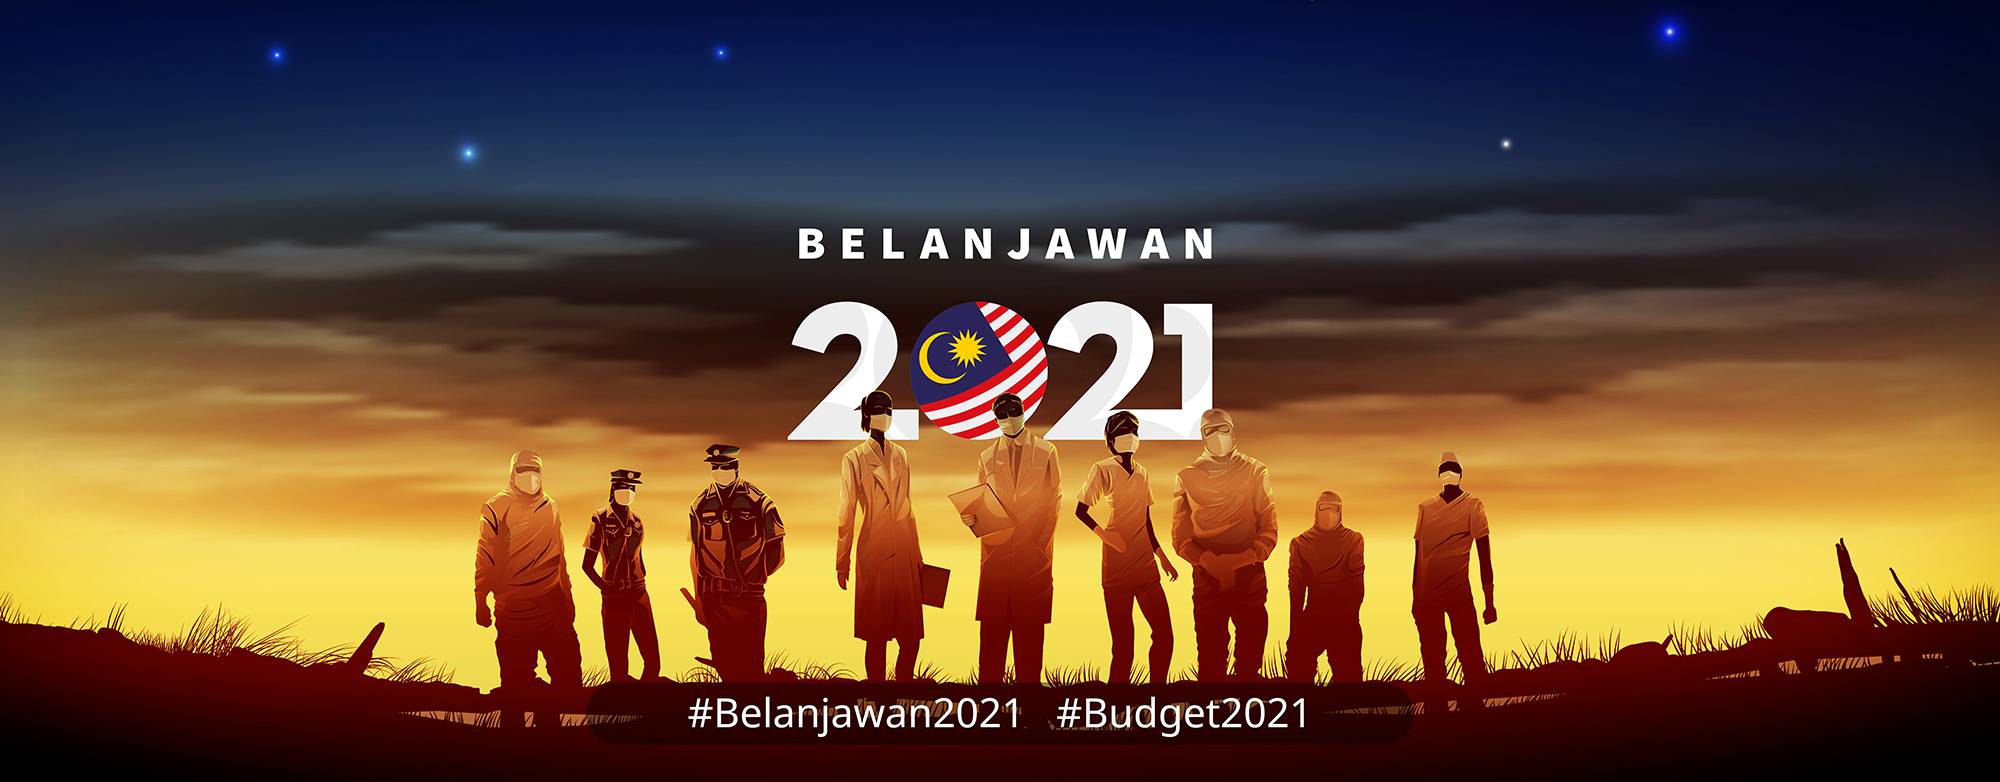 Belanjawan 2021 - Agak-Agak Ada Tak Bonus Untuk Surirumah Ek?